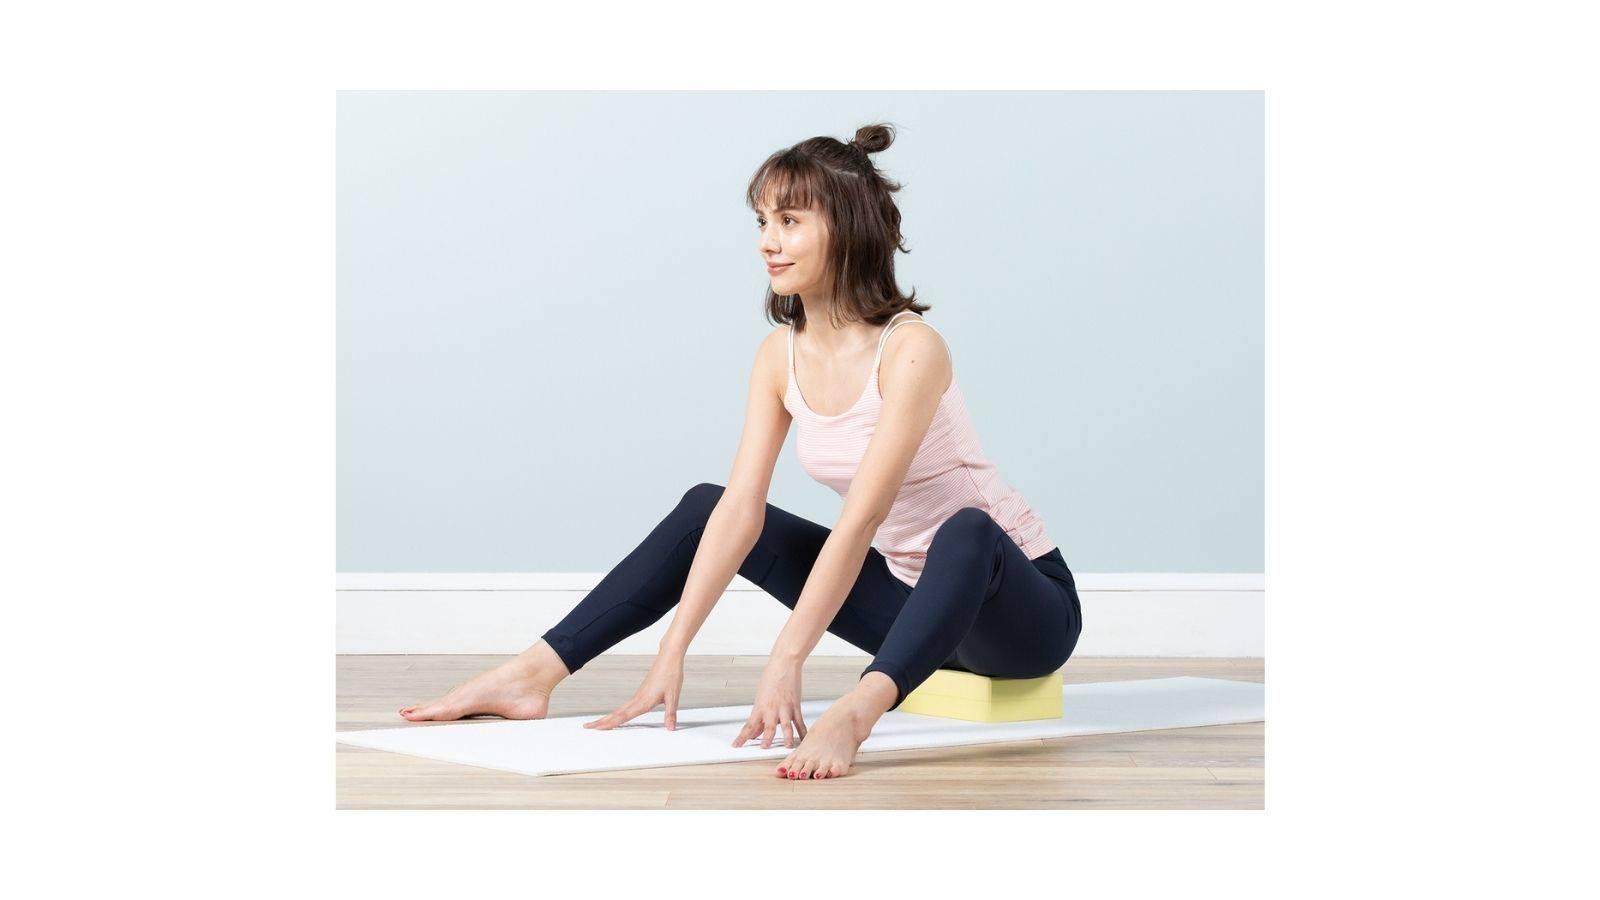 股関節が硬い人必見!股関節の可動域がだんだん広がる「骨盤を立てて行うやさしいポーズ」